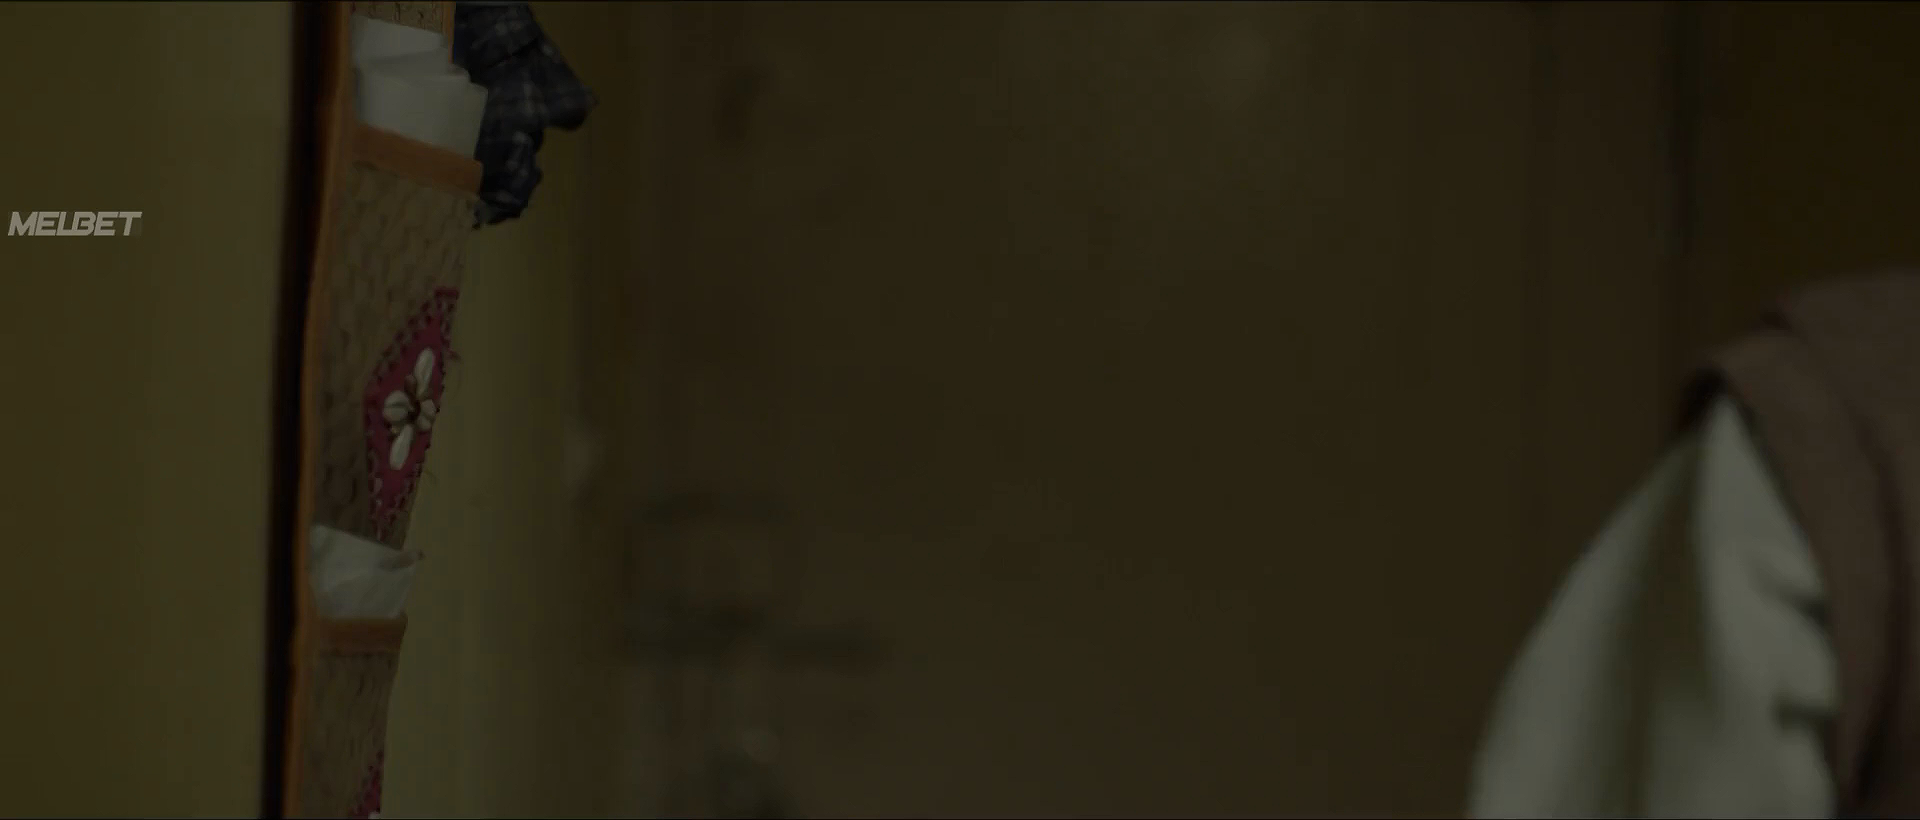 Абхай (1 сезон: 1-8 серии из 8) (2019) WEBRip 1080p | Ultradox